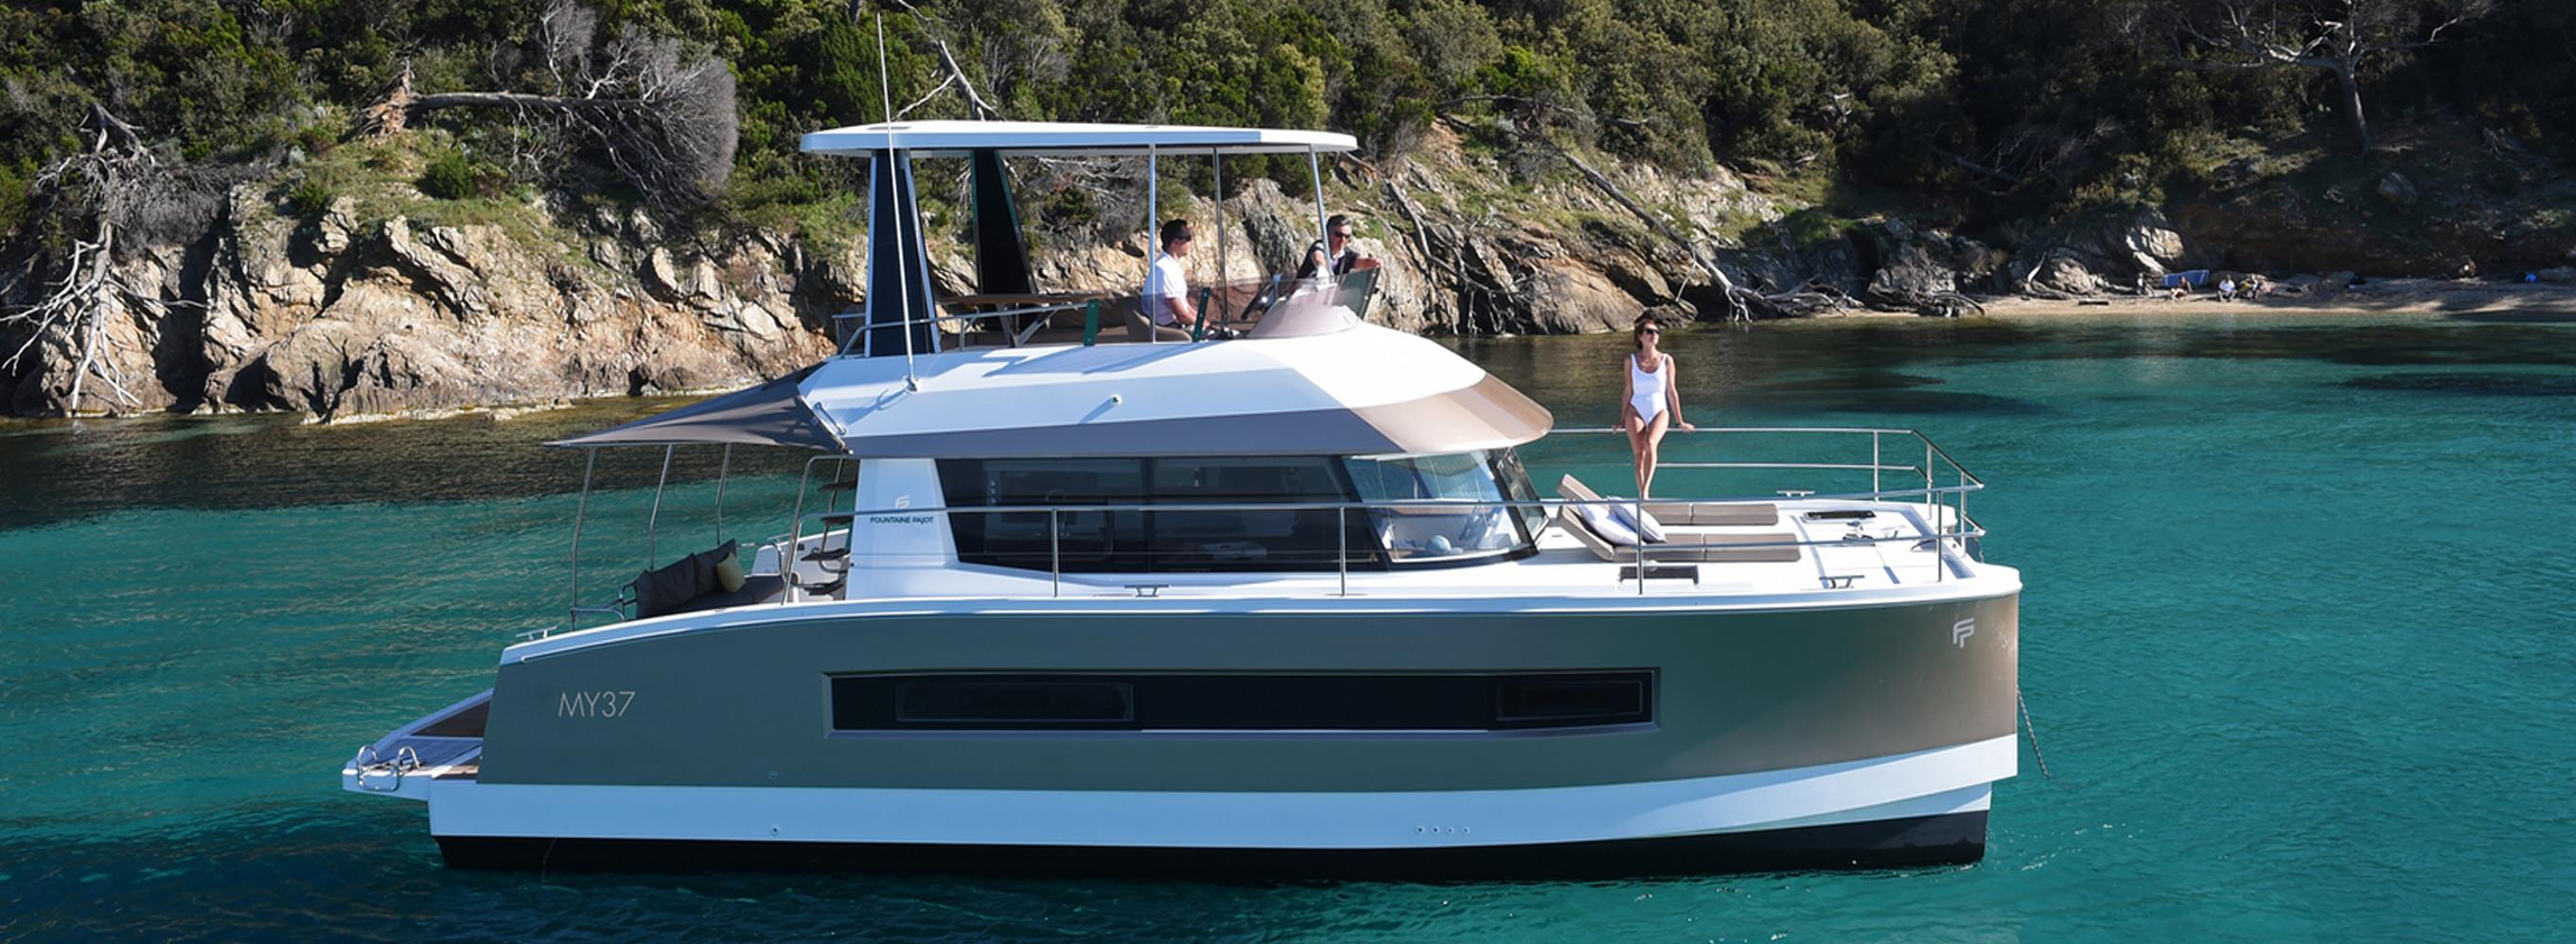 wrapping coque de bateau adhésif couleur champagne marque Fountaine Pajot modèle MY37